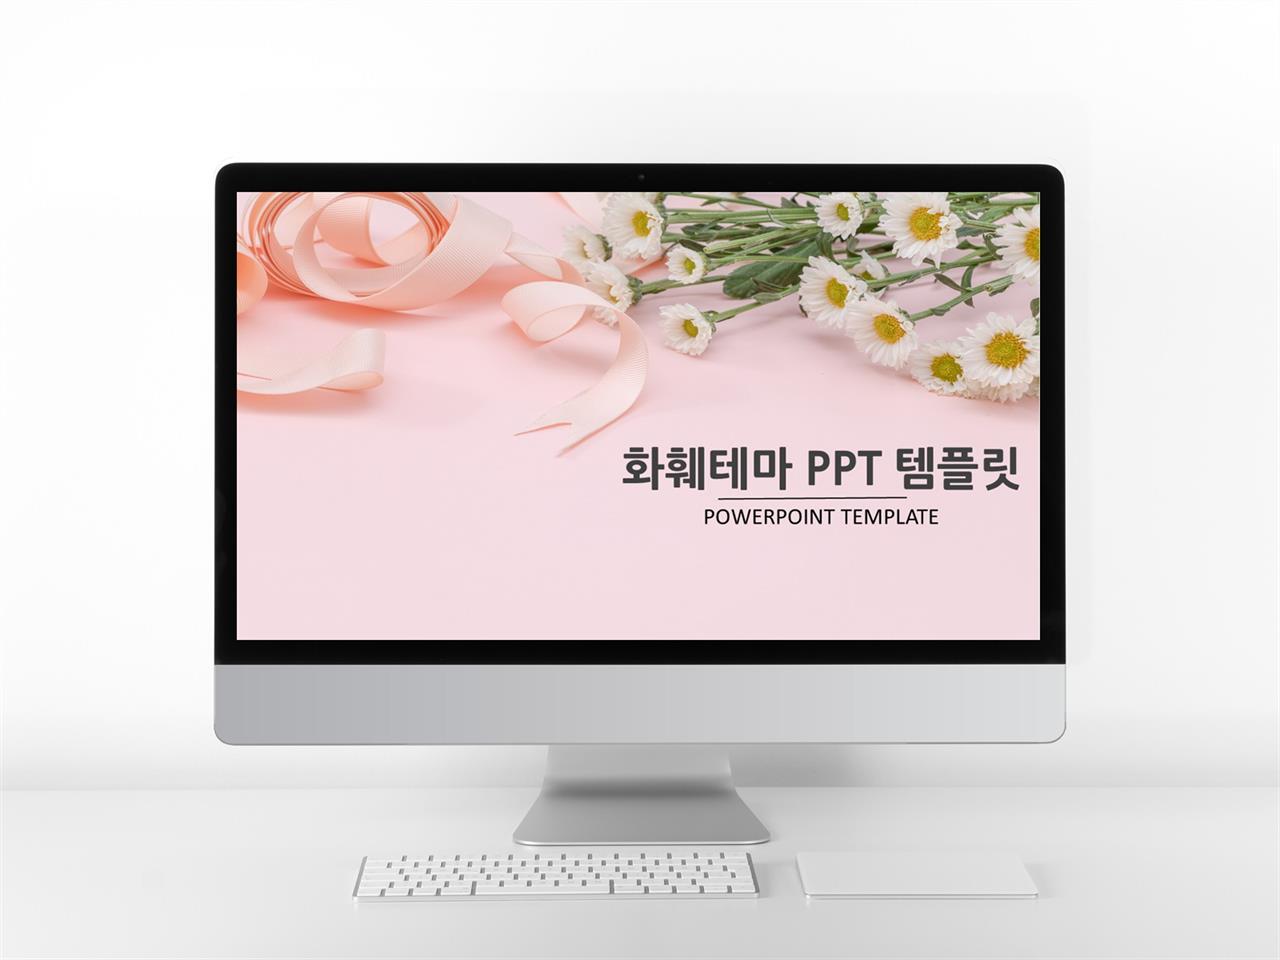 꽃과 동식물 주제 핑크색 예쁜 시선을 사로잡는 PPT양식 만들기 미리보기